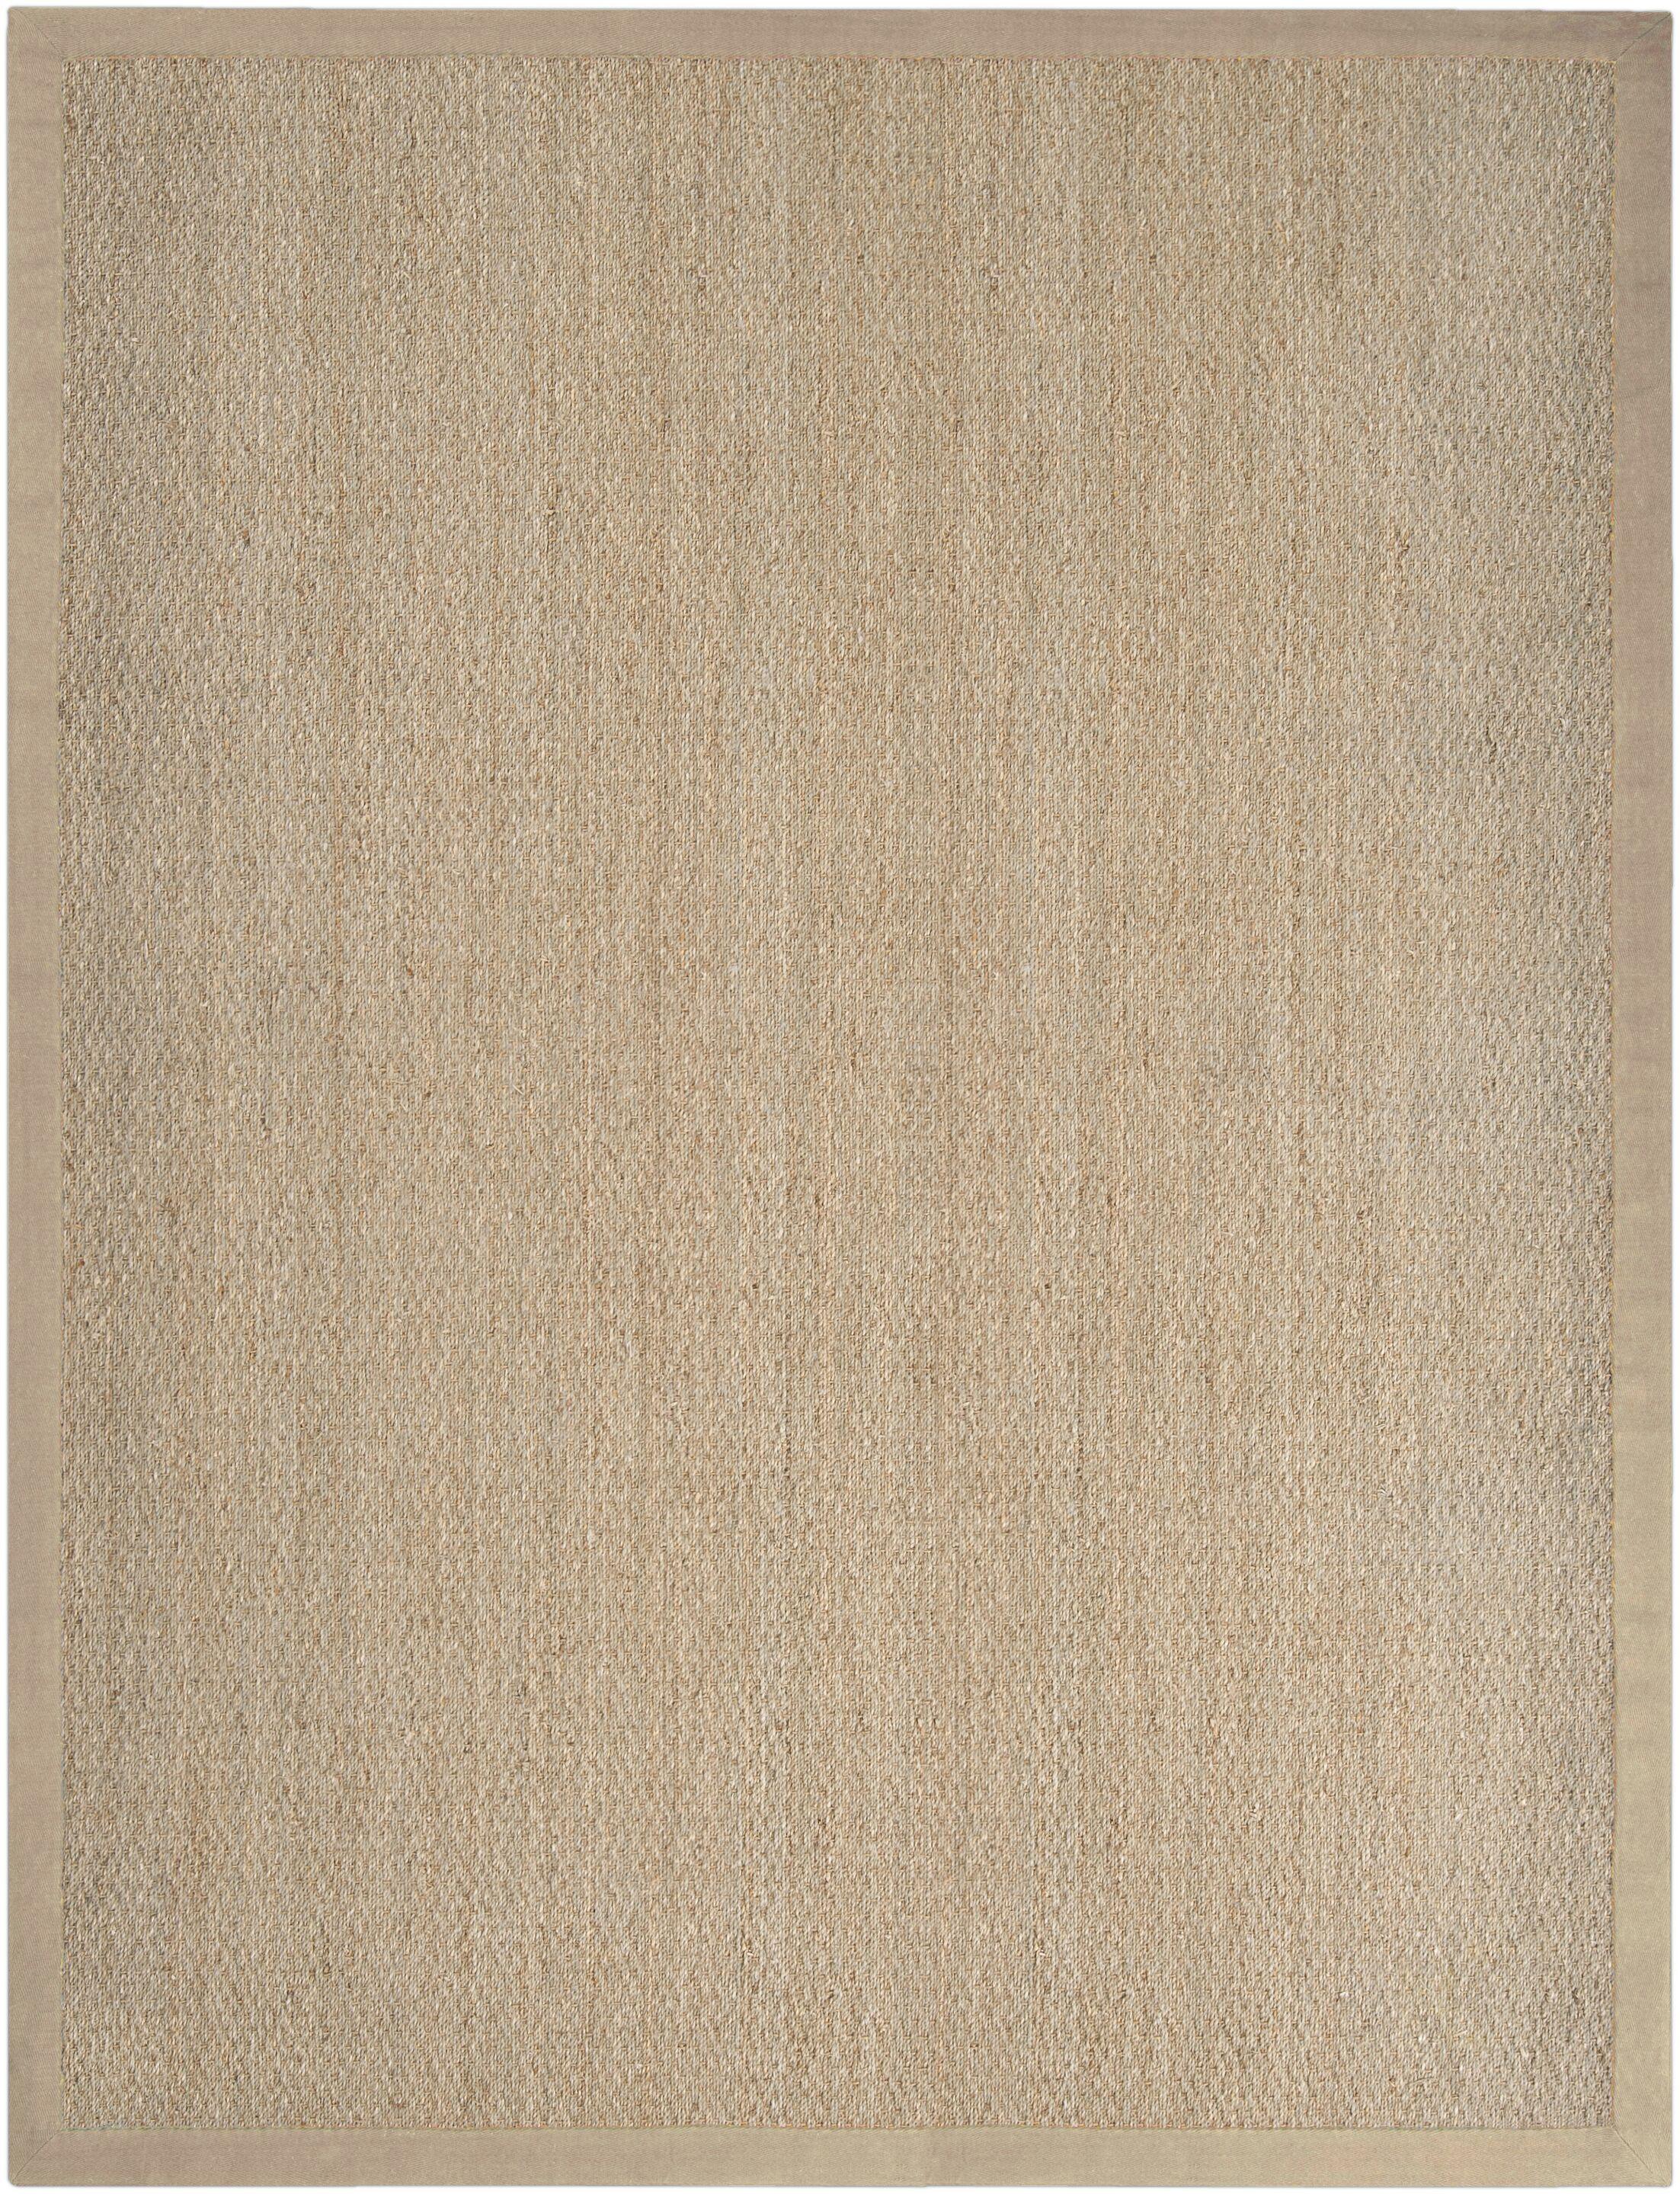 Baldwin Mocha Area Rug Rug Size: Rectangle 8' x 10'